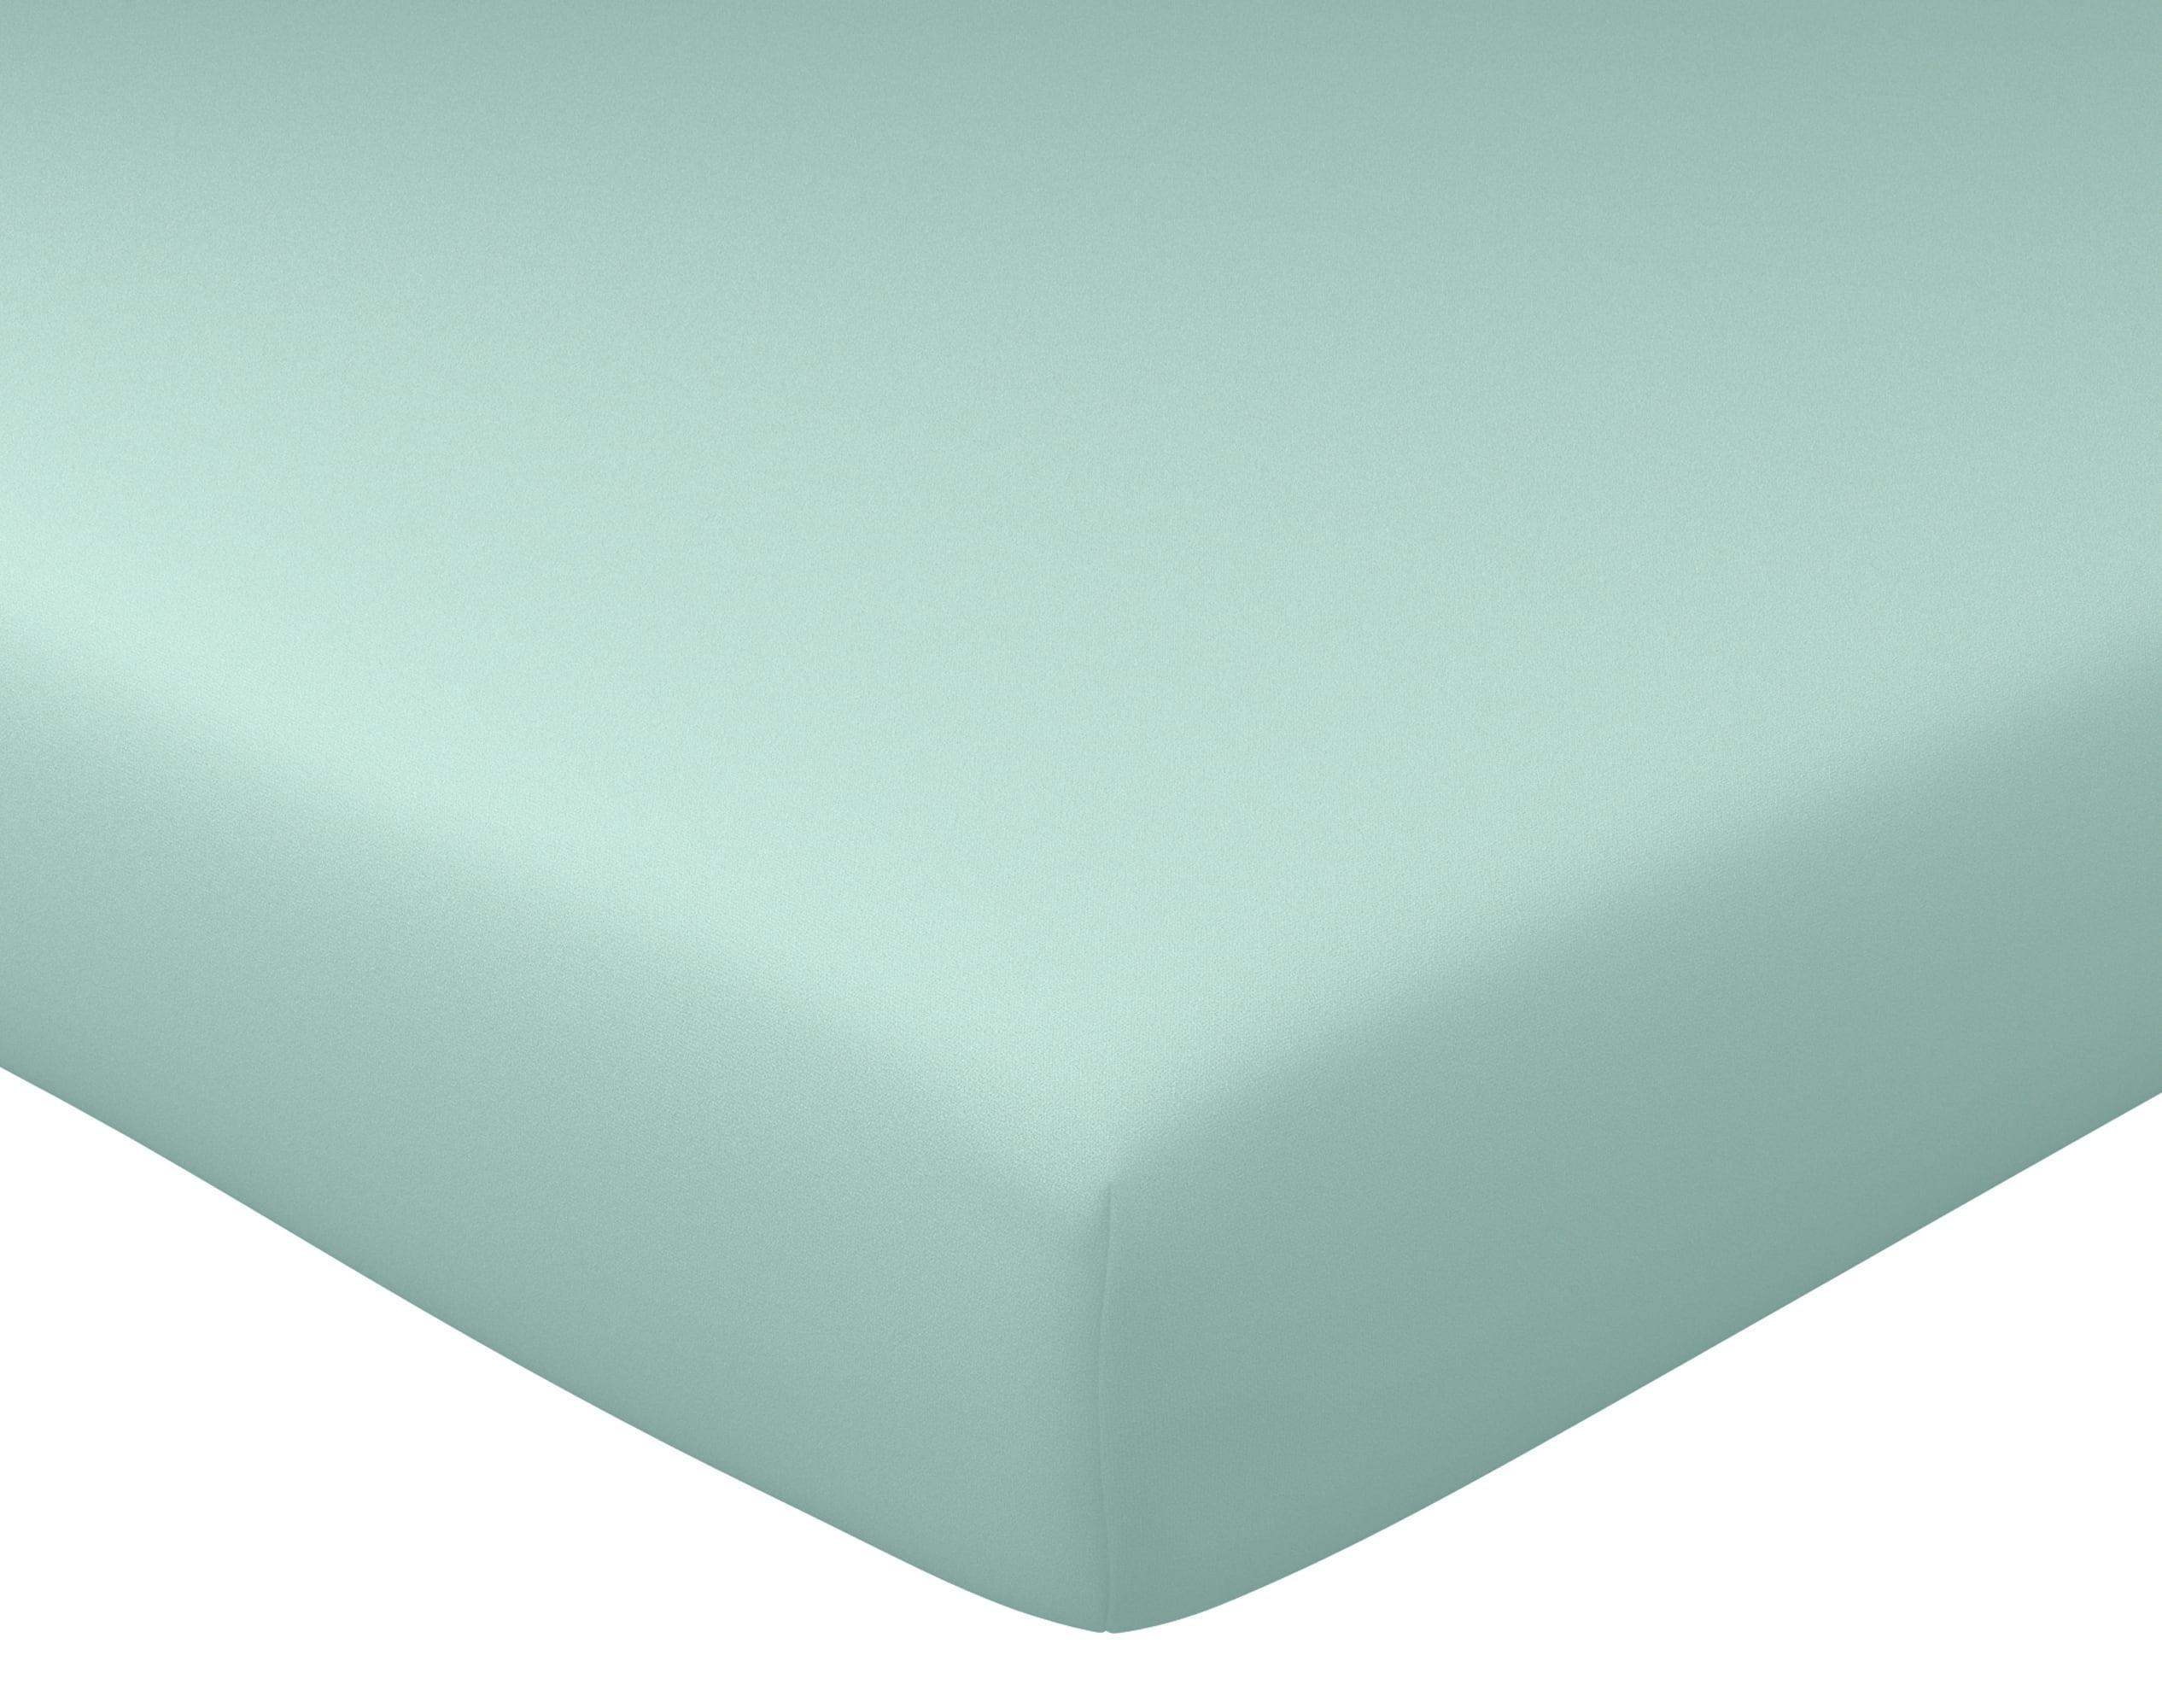 Drap-housse 90x190 en percale de coton vert céladon